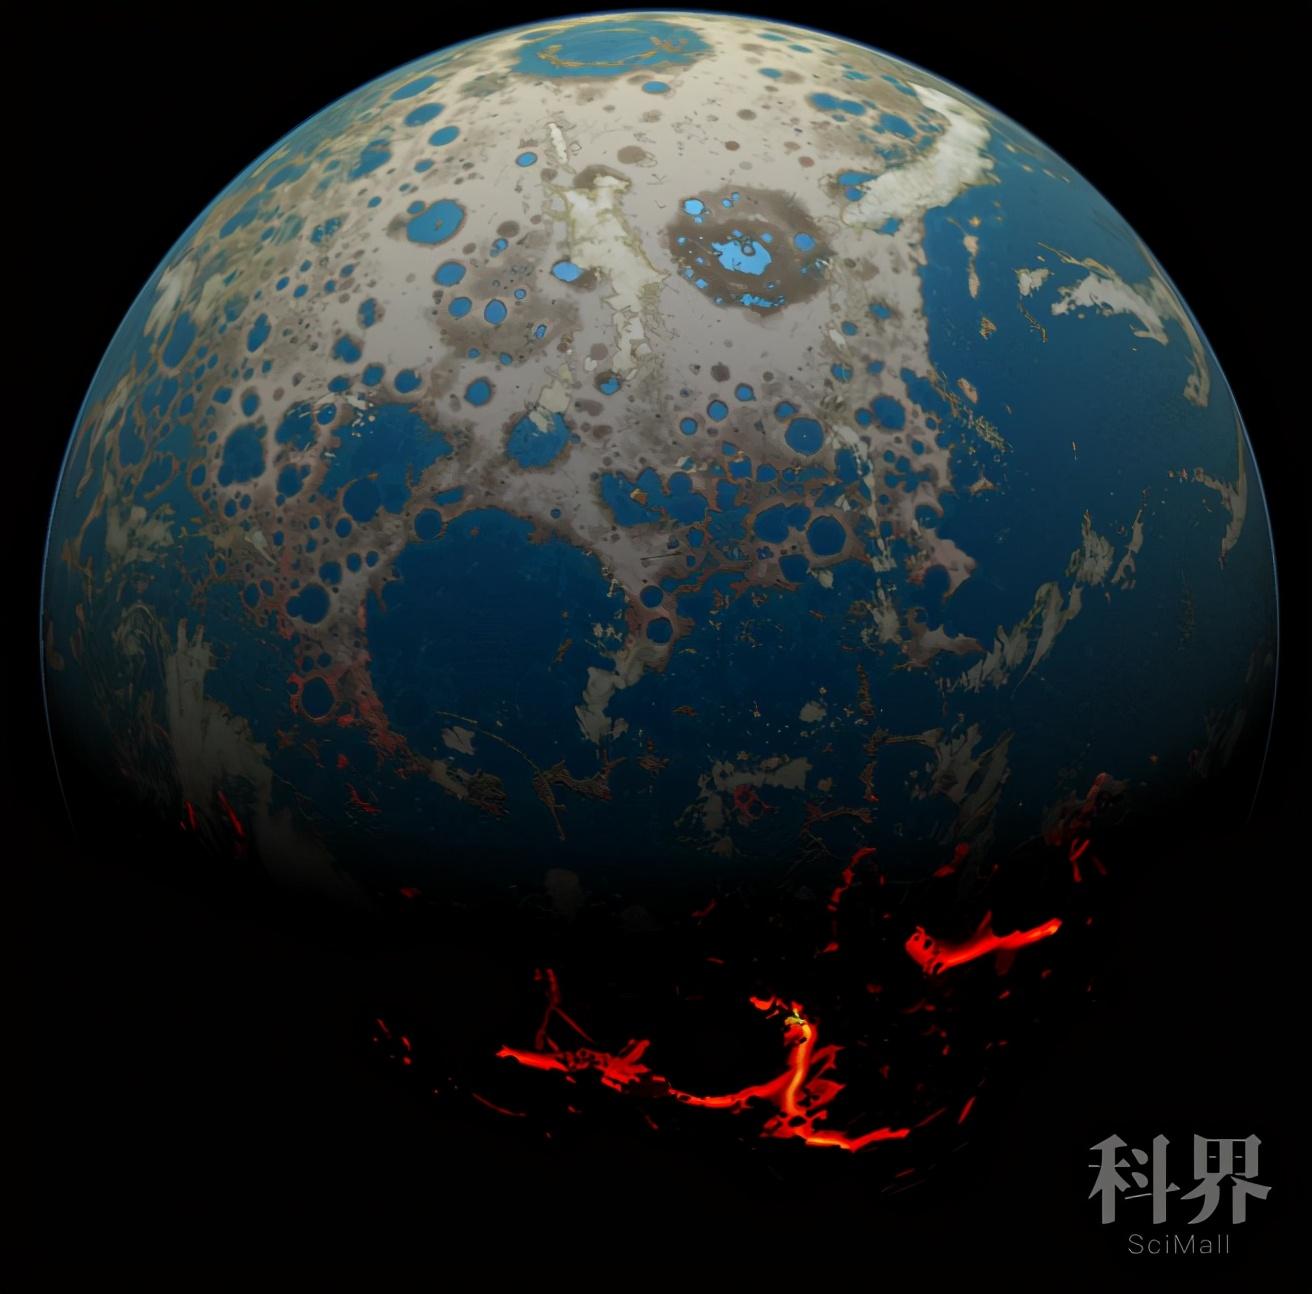 新研究表明:大陆地壳出现时间比此前预计的早5亿年